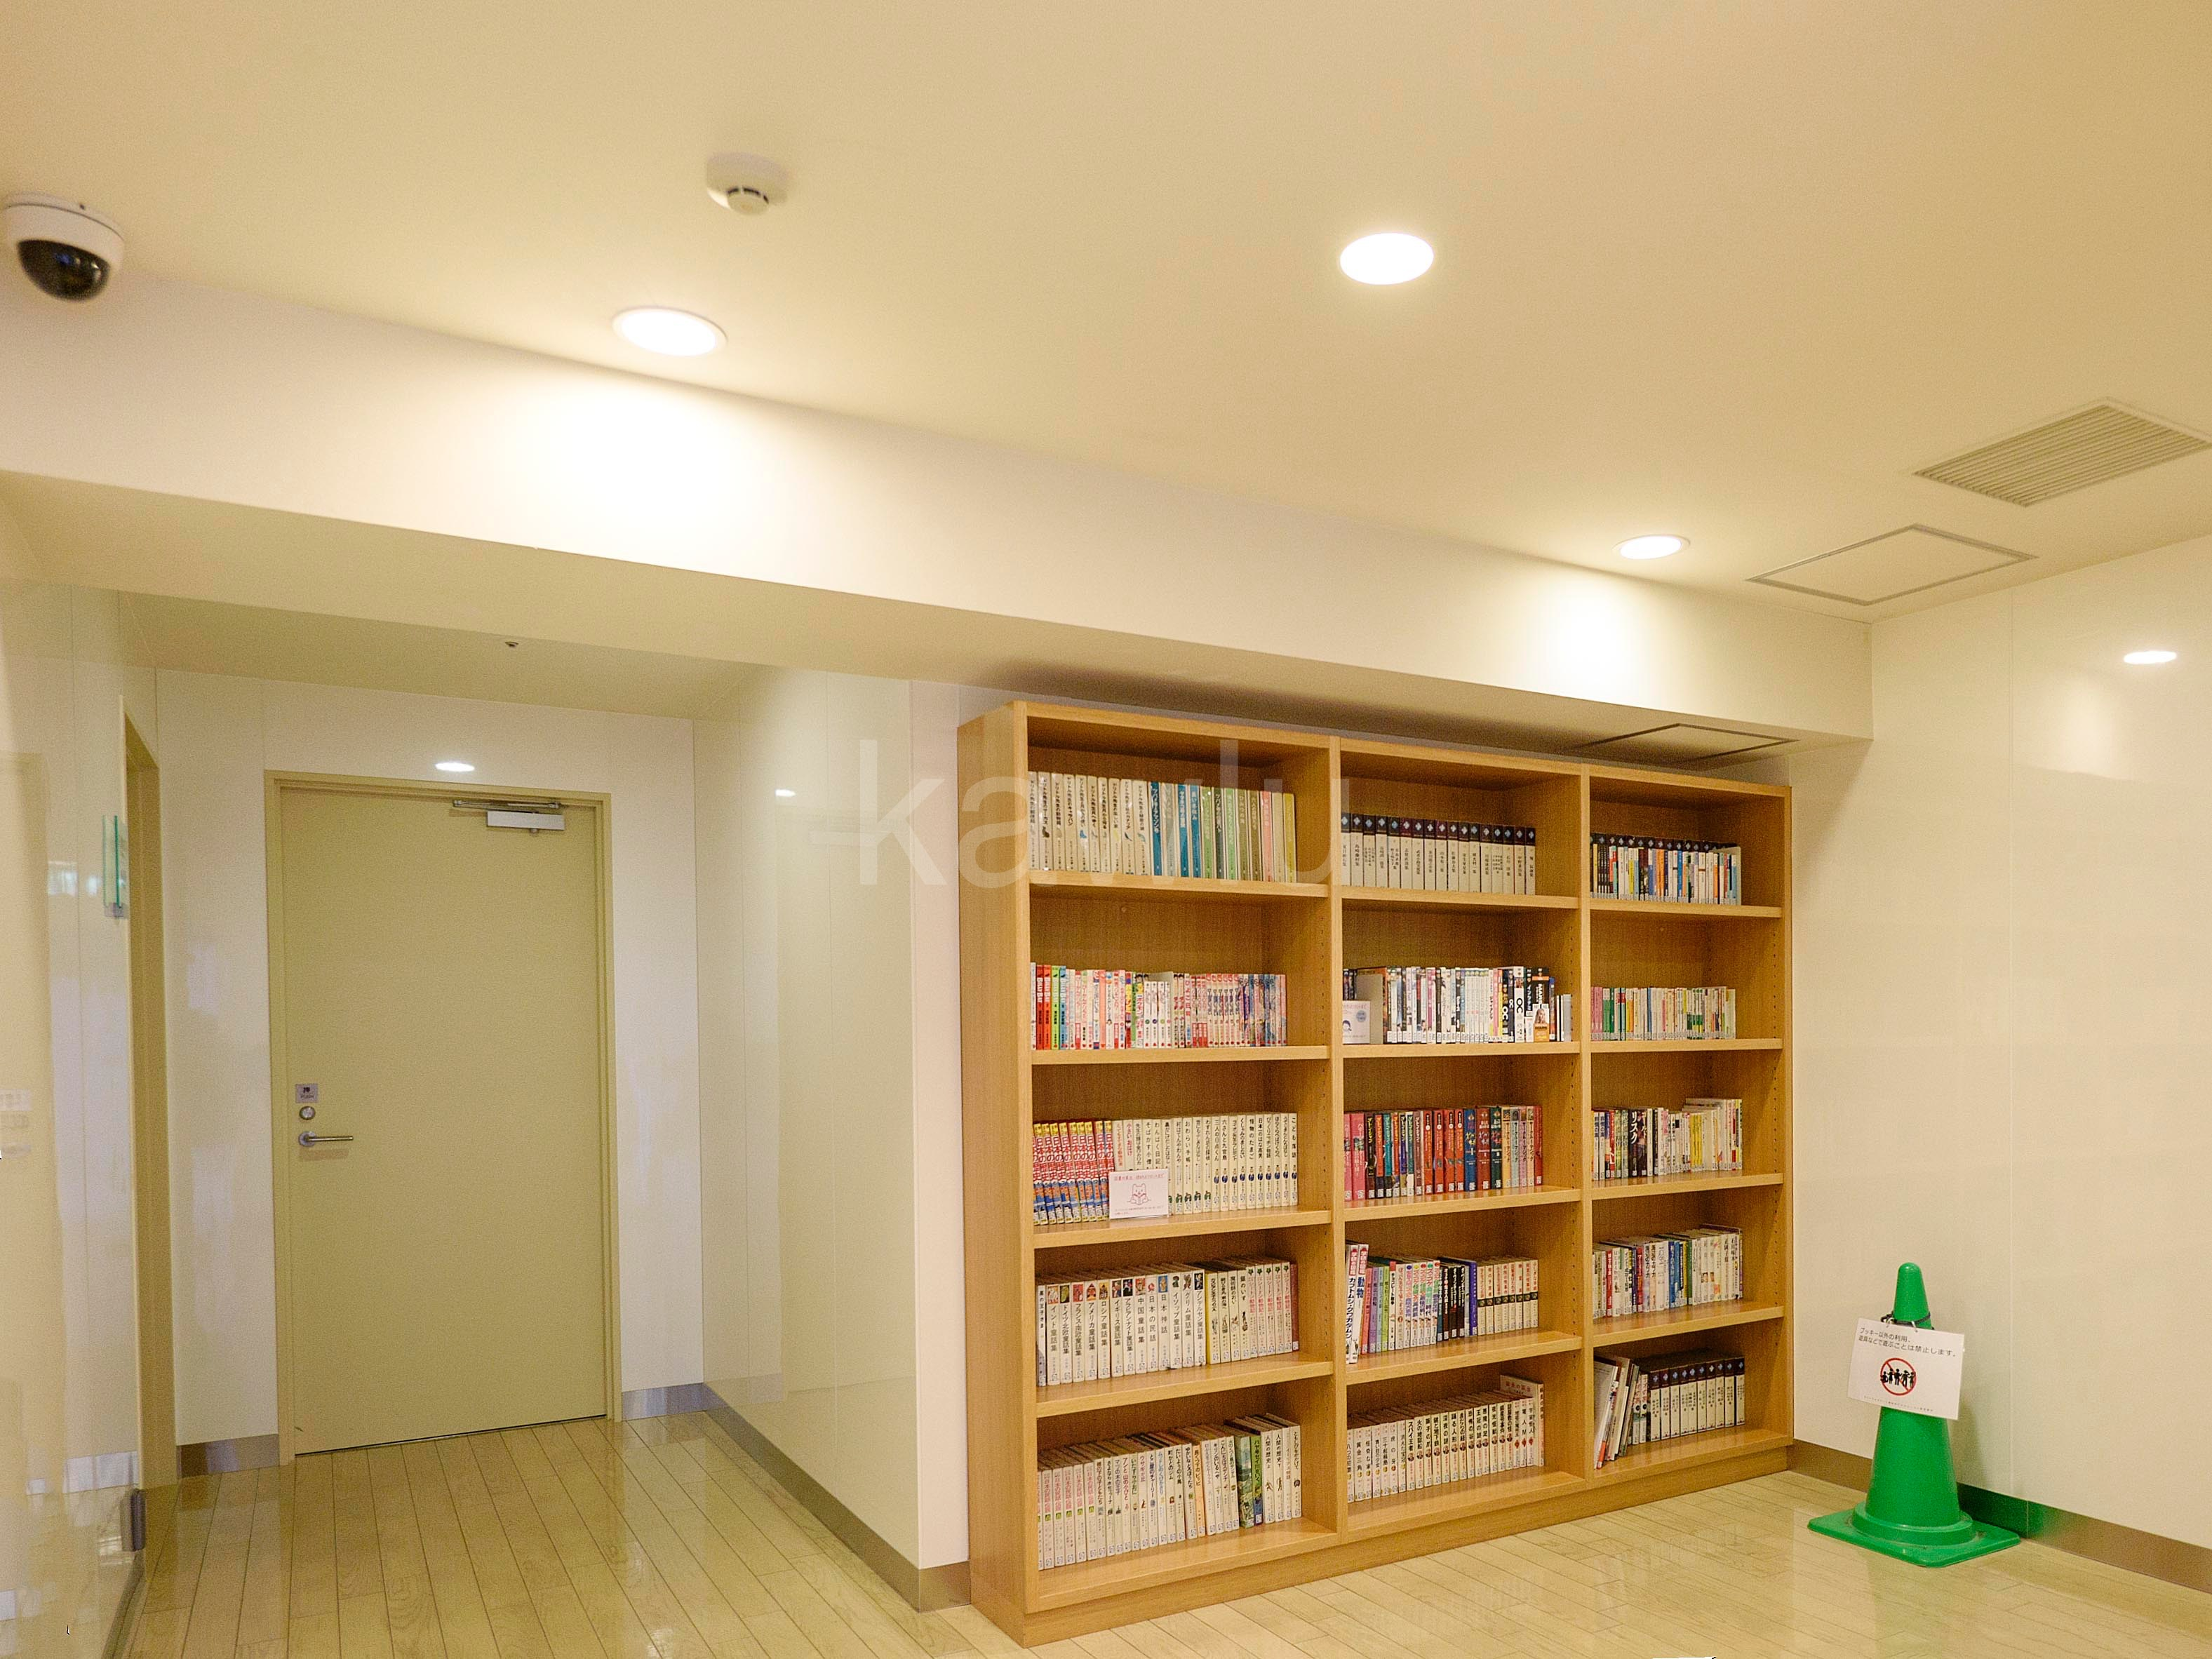 アップルタワー東京キャナルコート_図書室